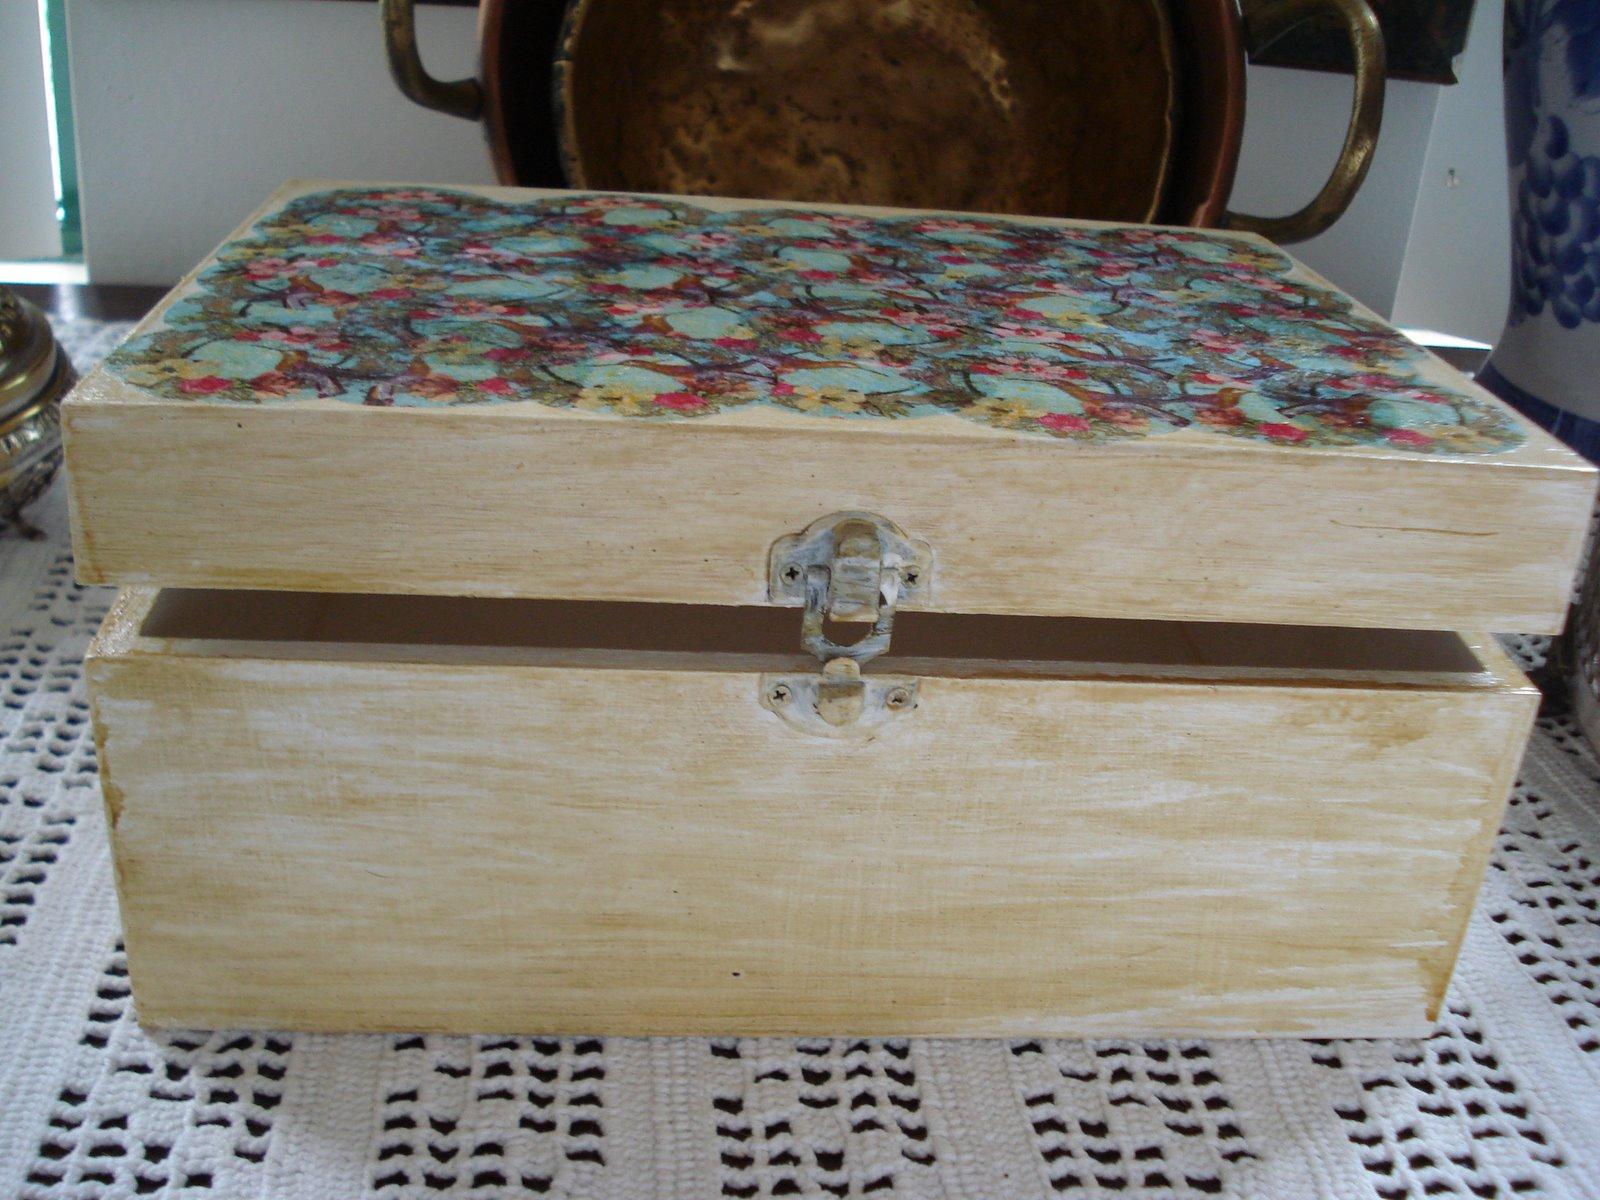 bricoartefolio: caixa de madeira decorada com guardanapos de papel #66443D 1600x1200